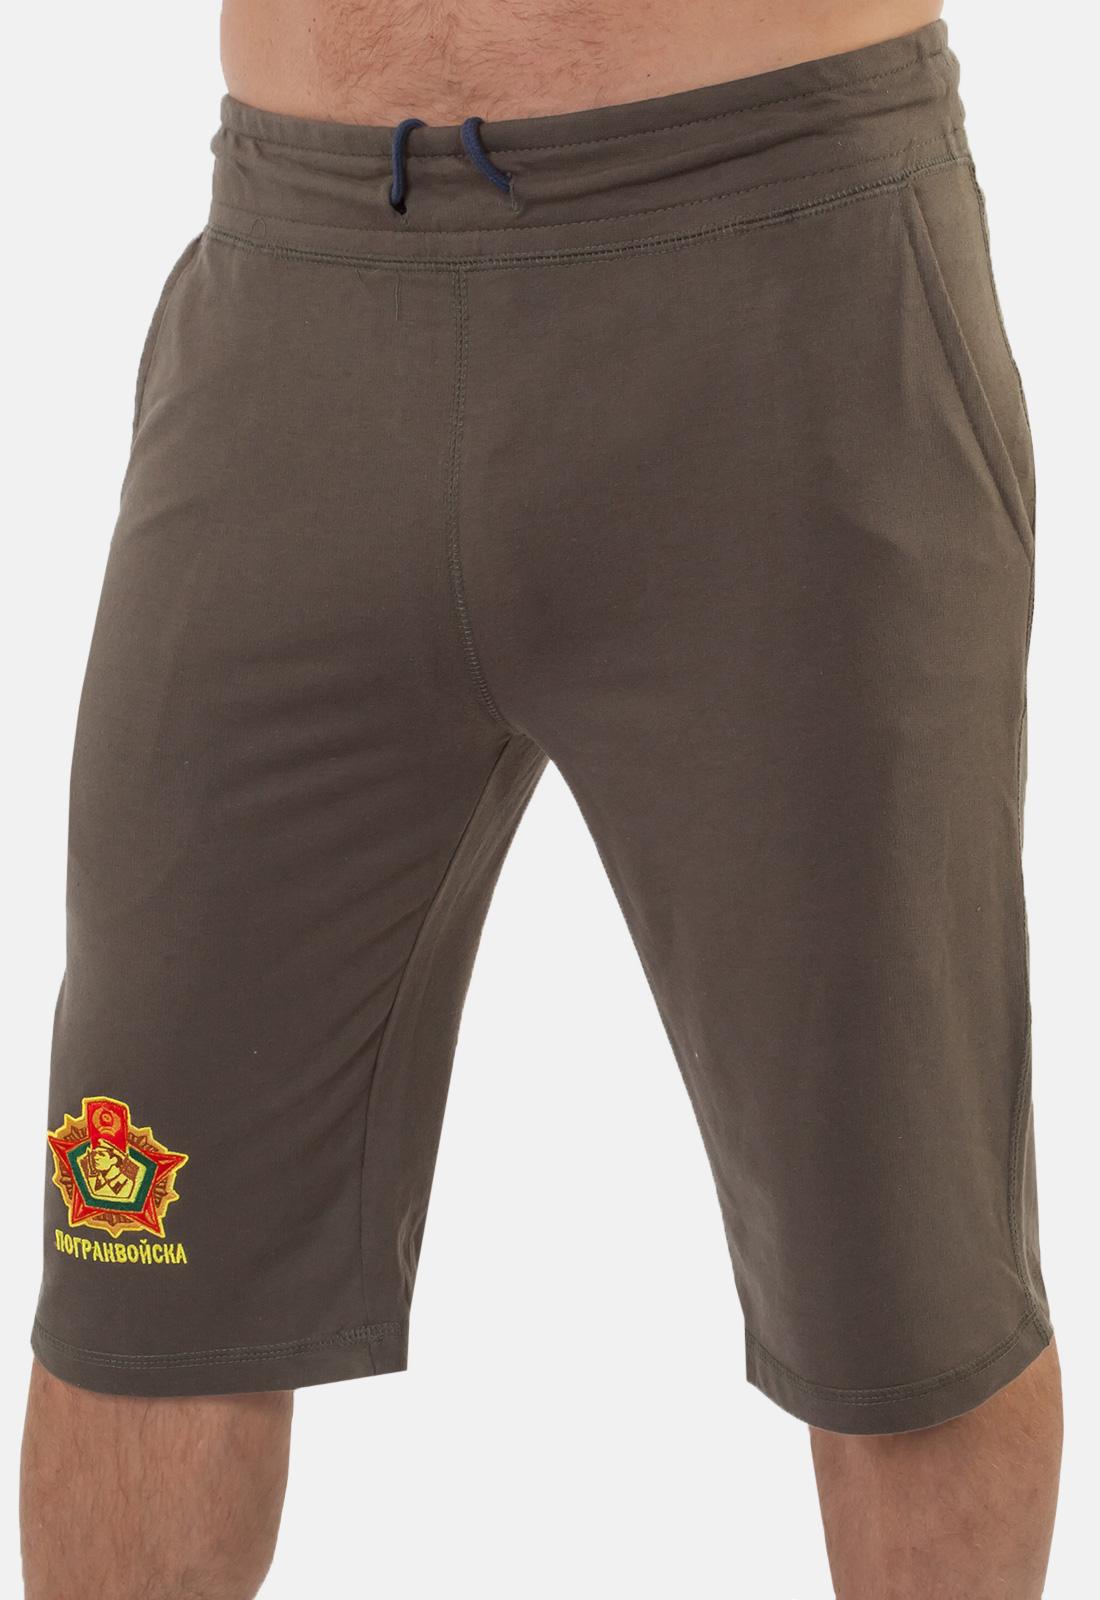 Мужские шорты с вышитой символикой Погранвойск